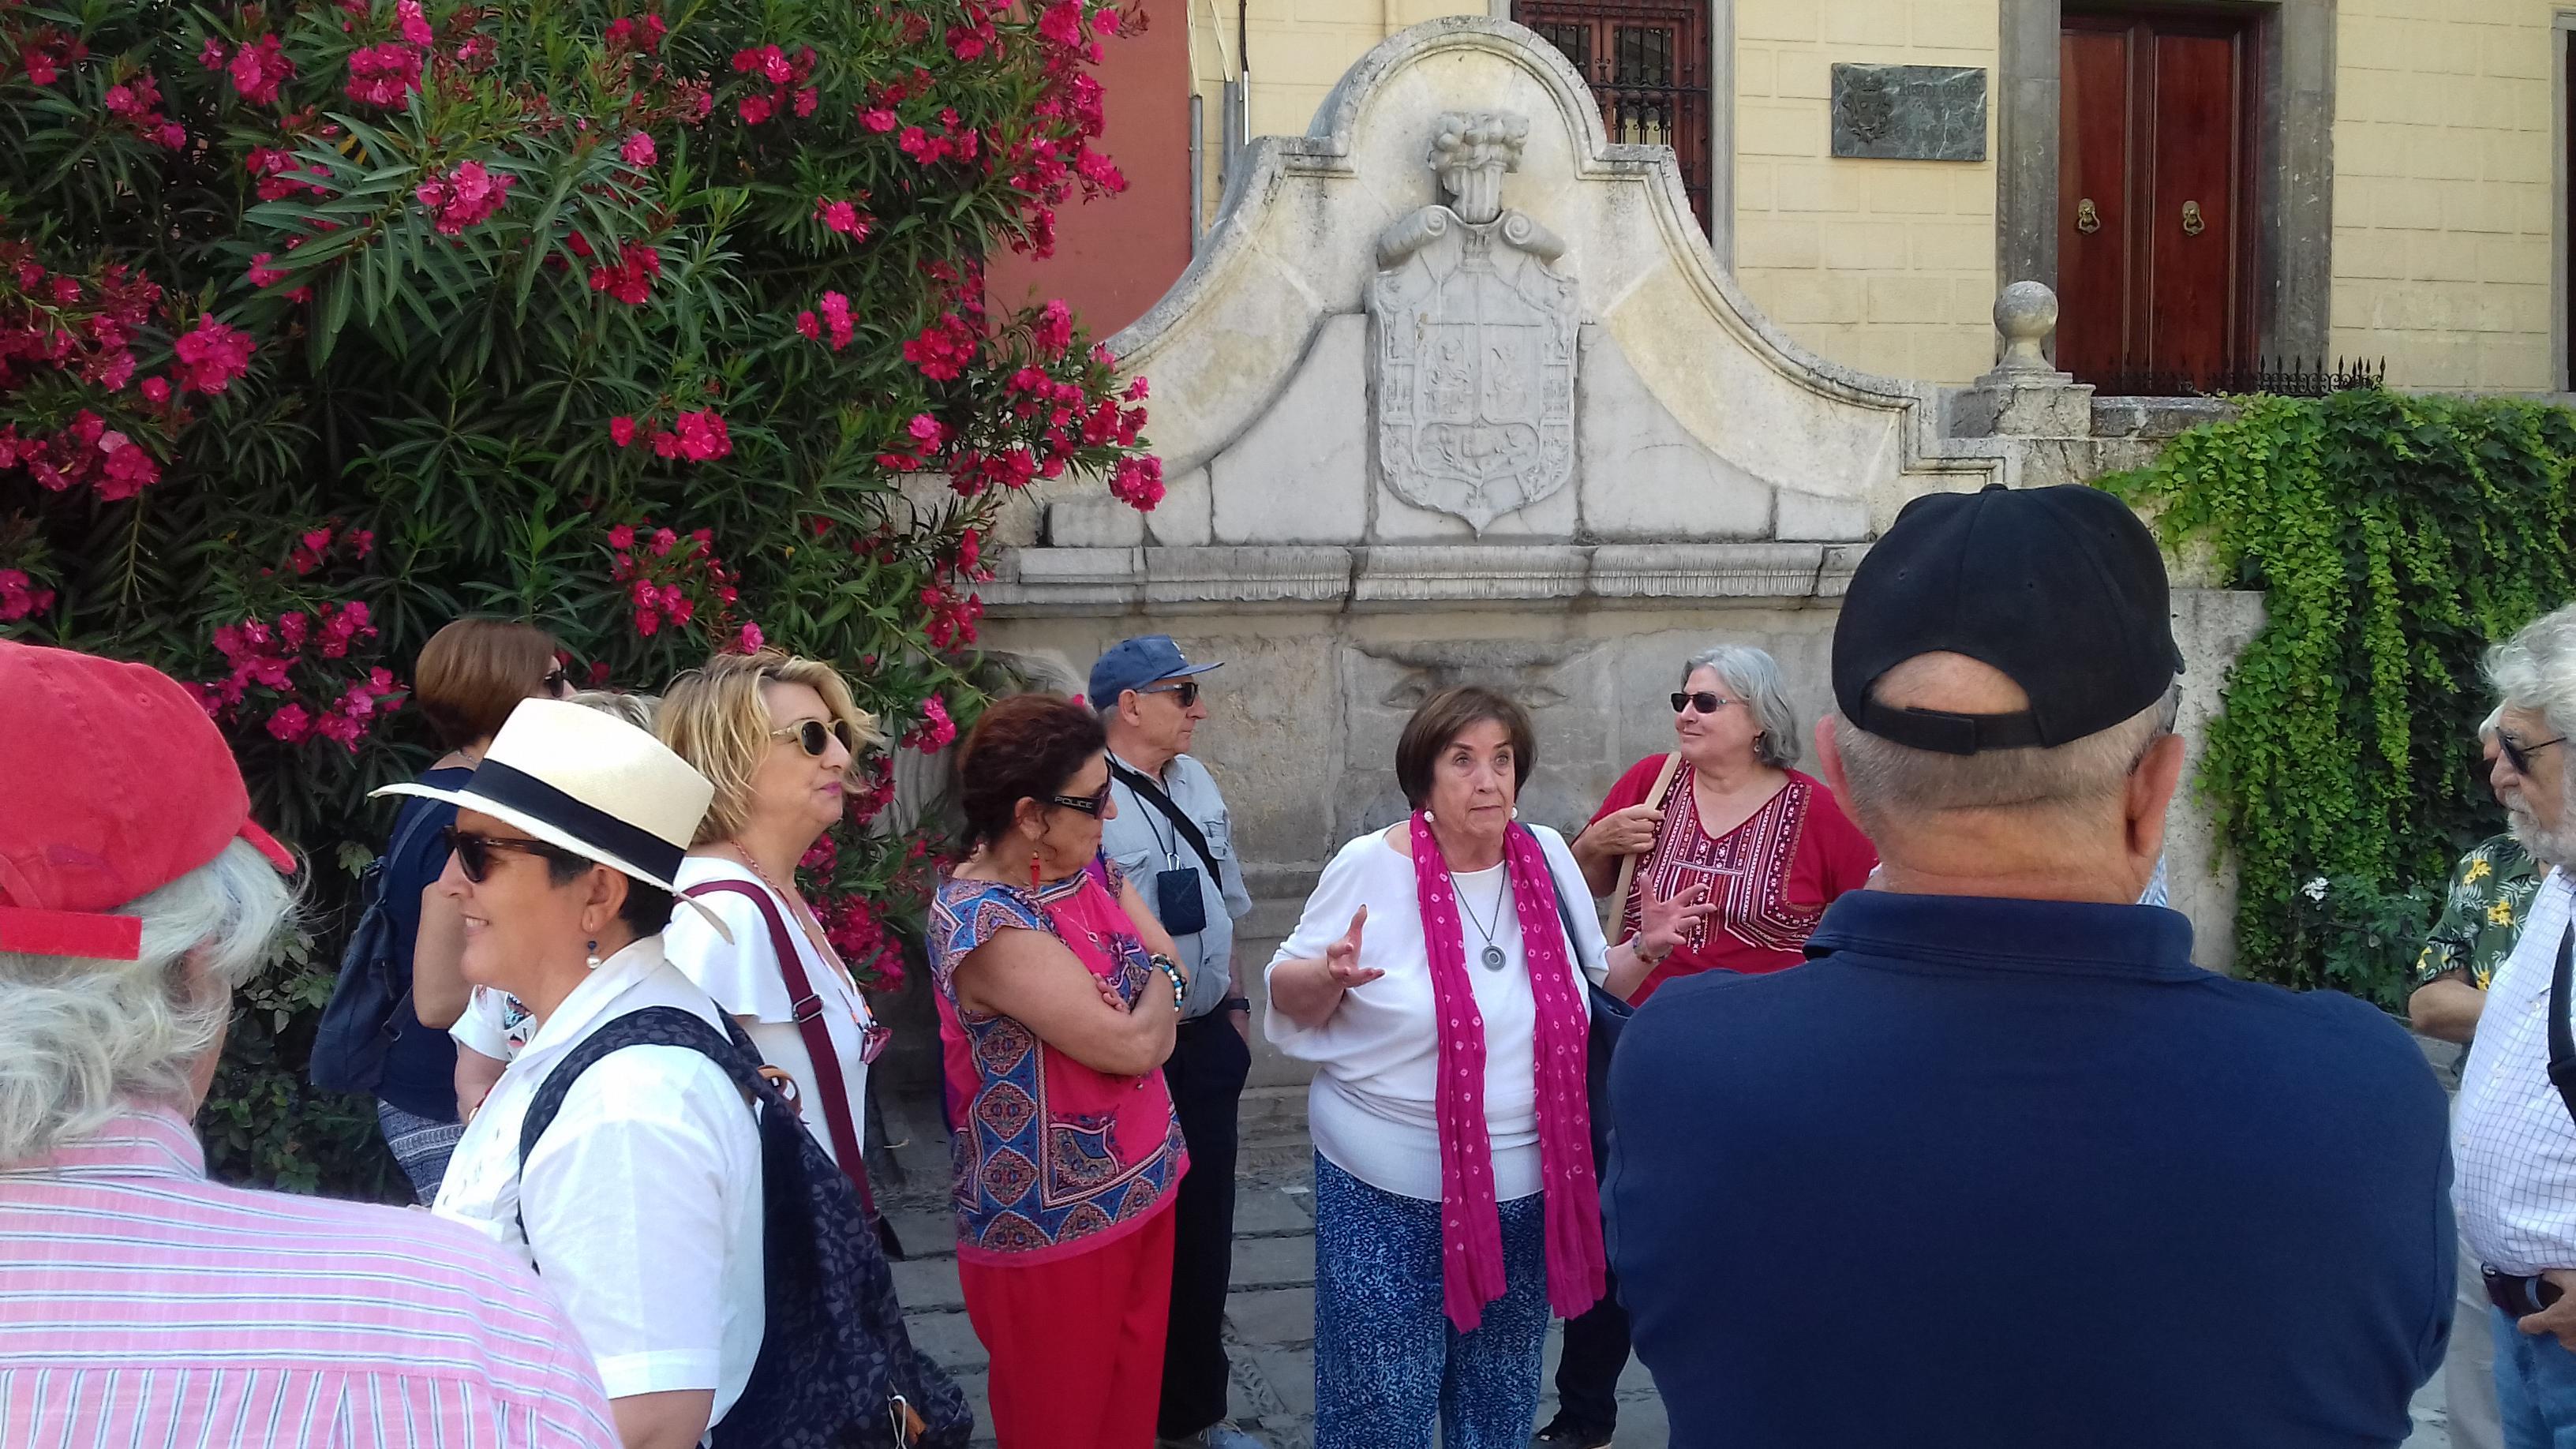 Reseña de la Visita a Granada del 23 de Junio 2018